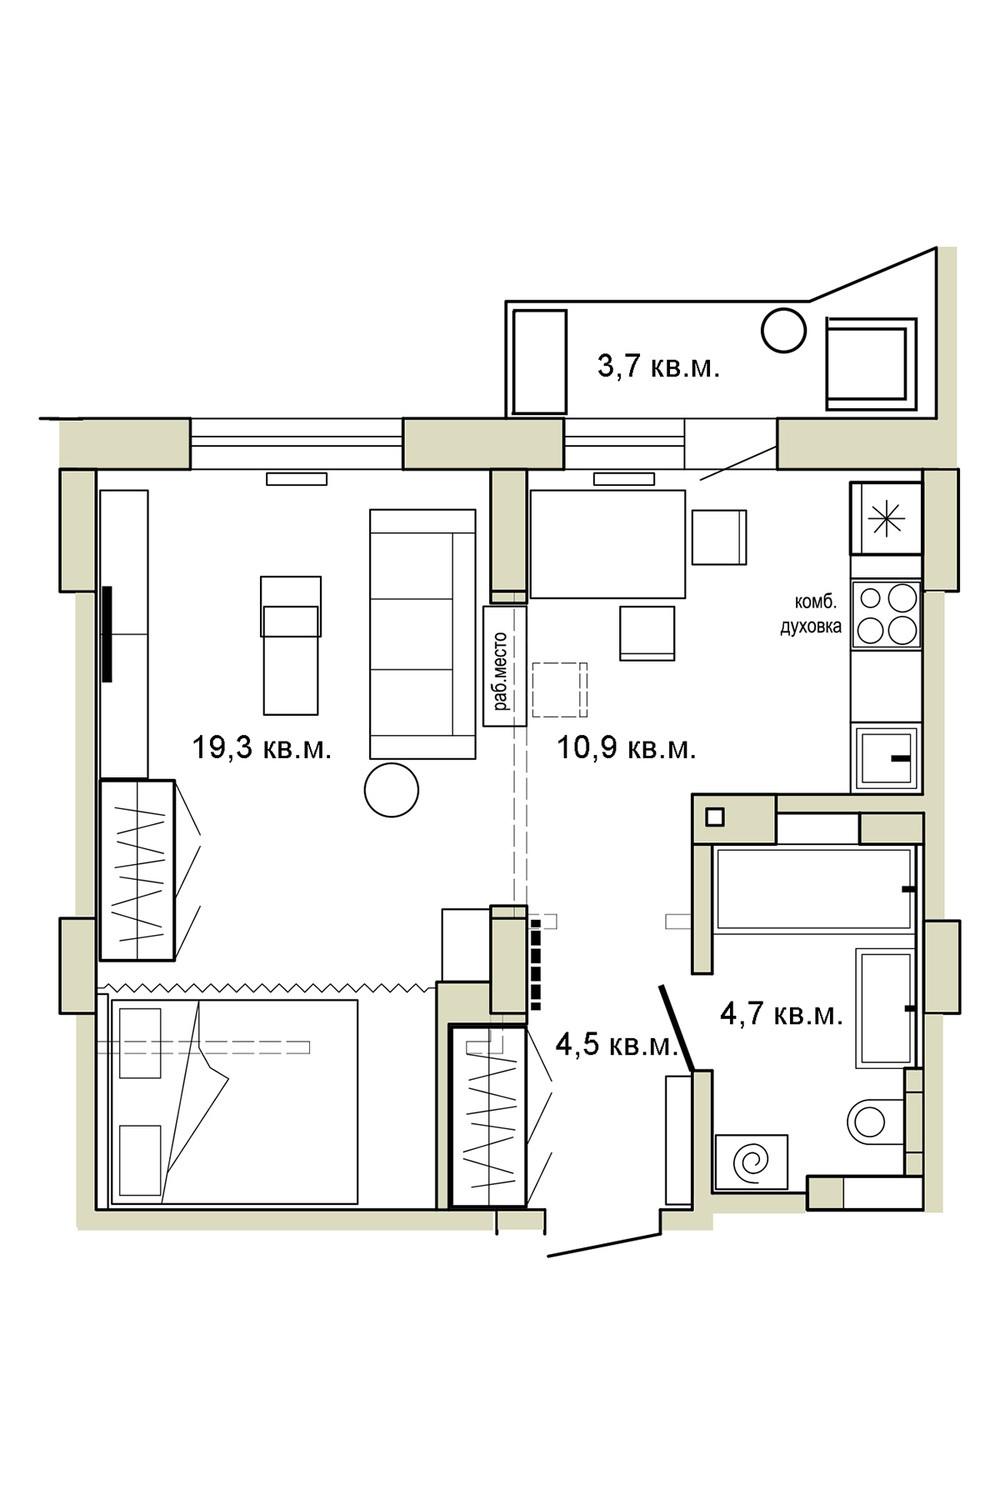 Дизайн студийной квартиры 39 кв.